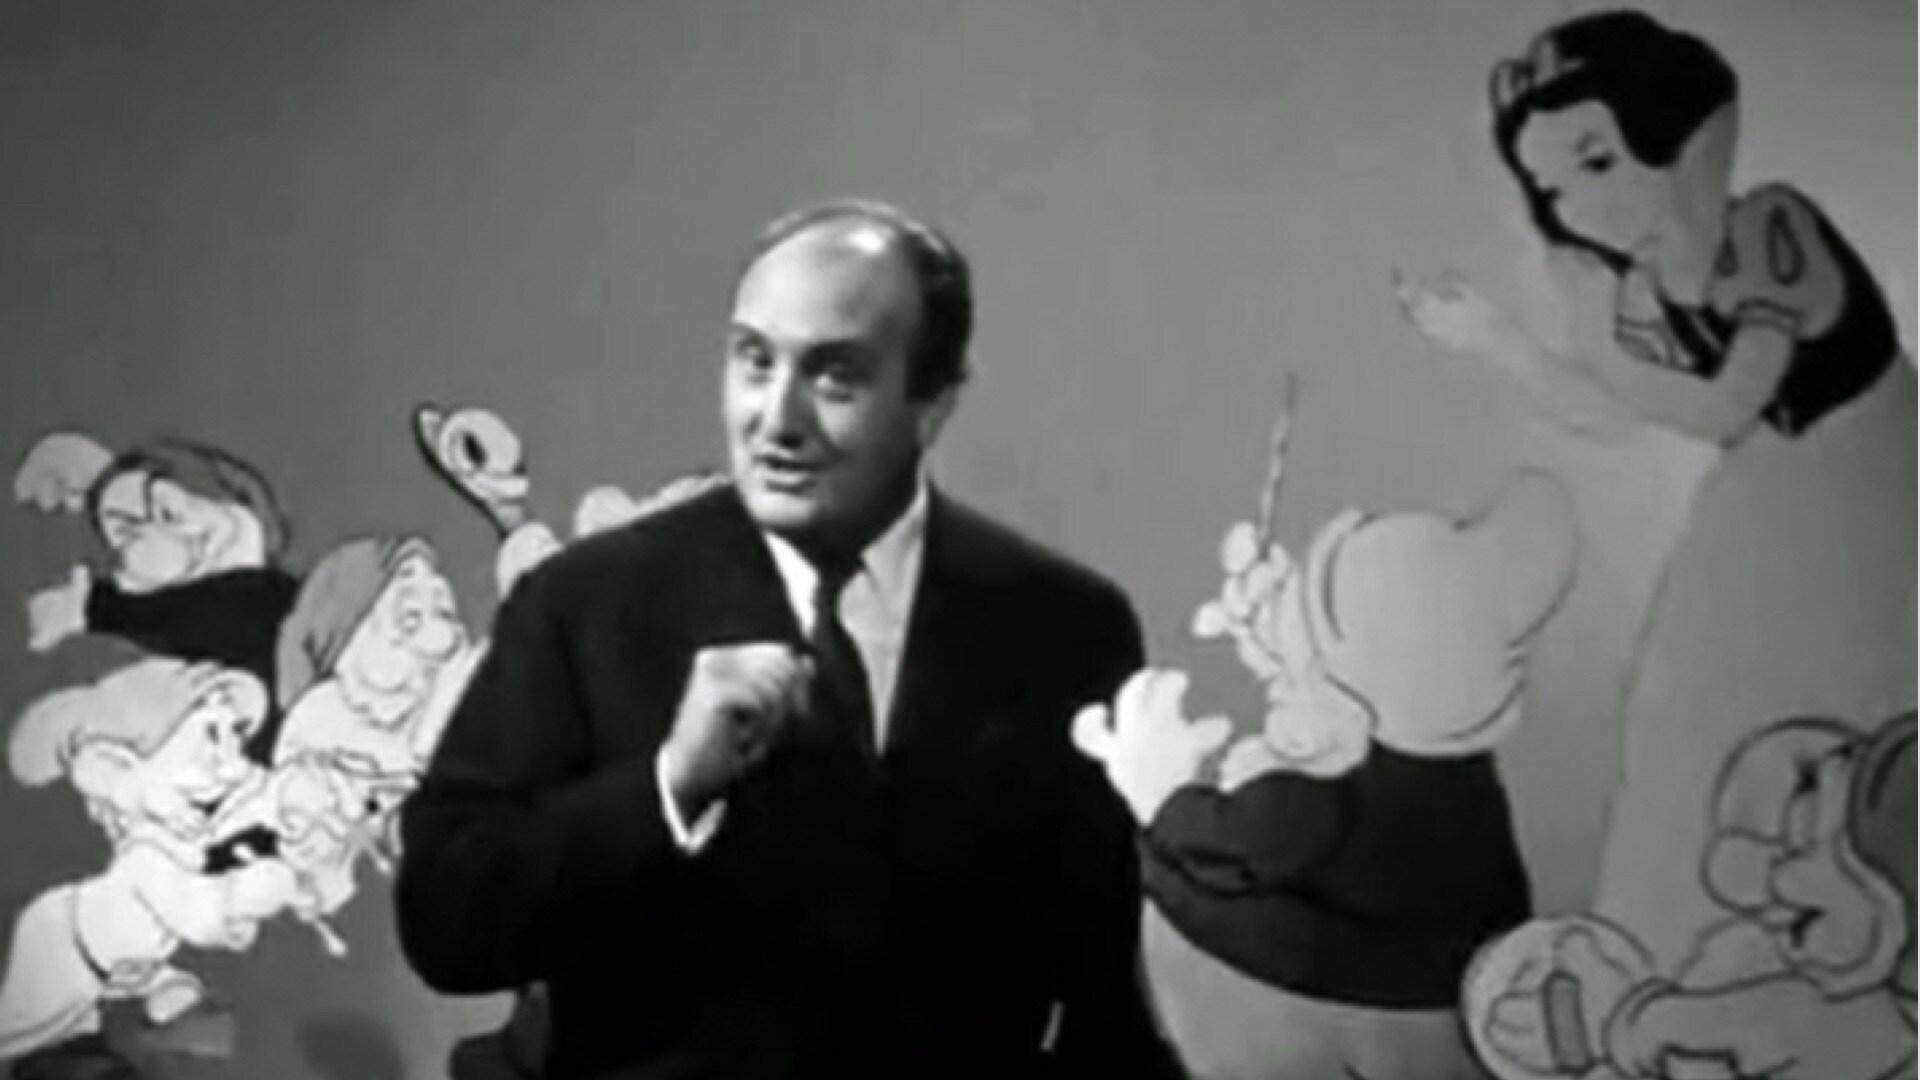 Début de L'Ami Public Numéro 1 de Pierre Tchernia sur l'ORTF. À partir de 1964, ce dernier animera également SVP Disney